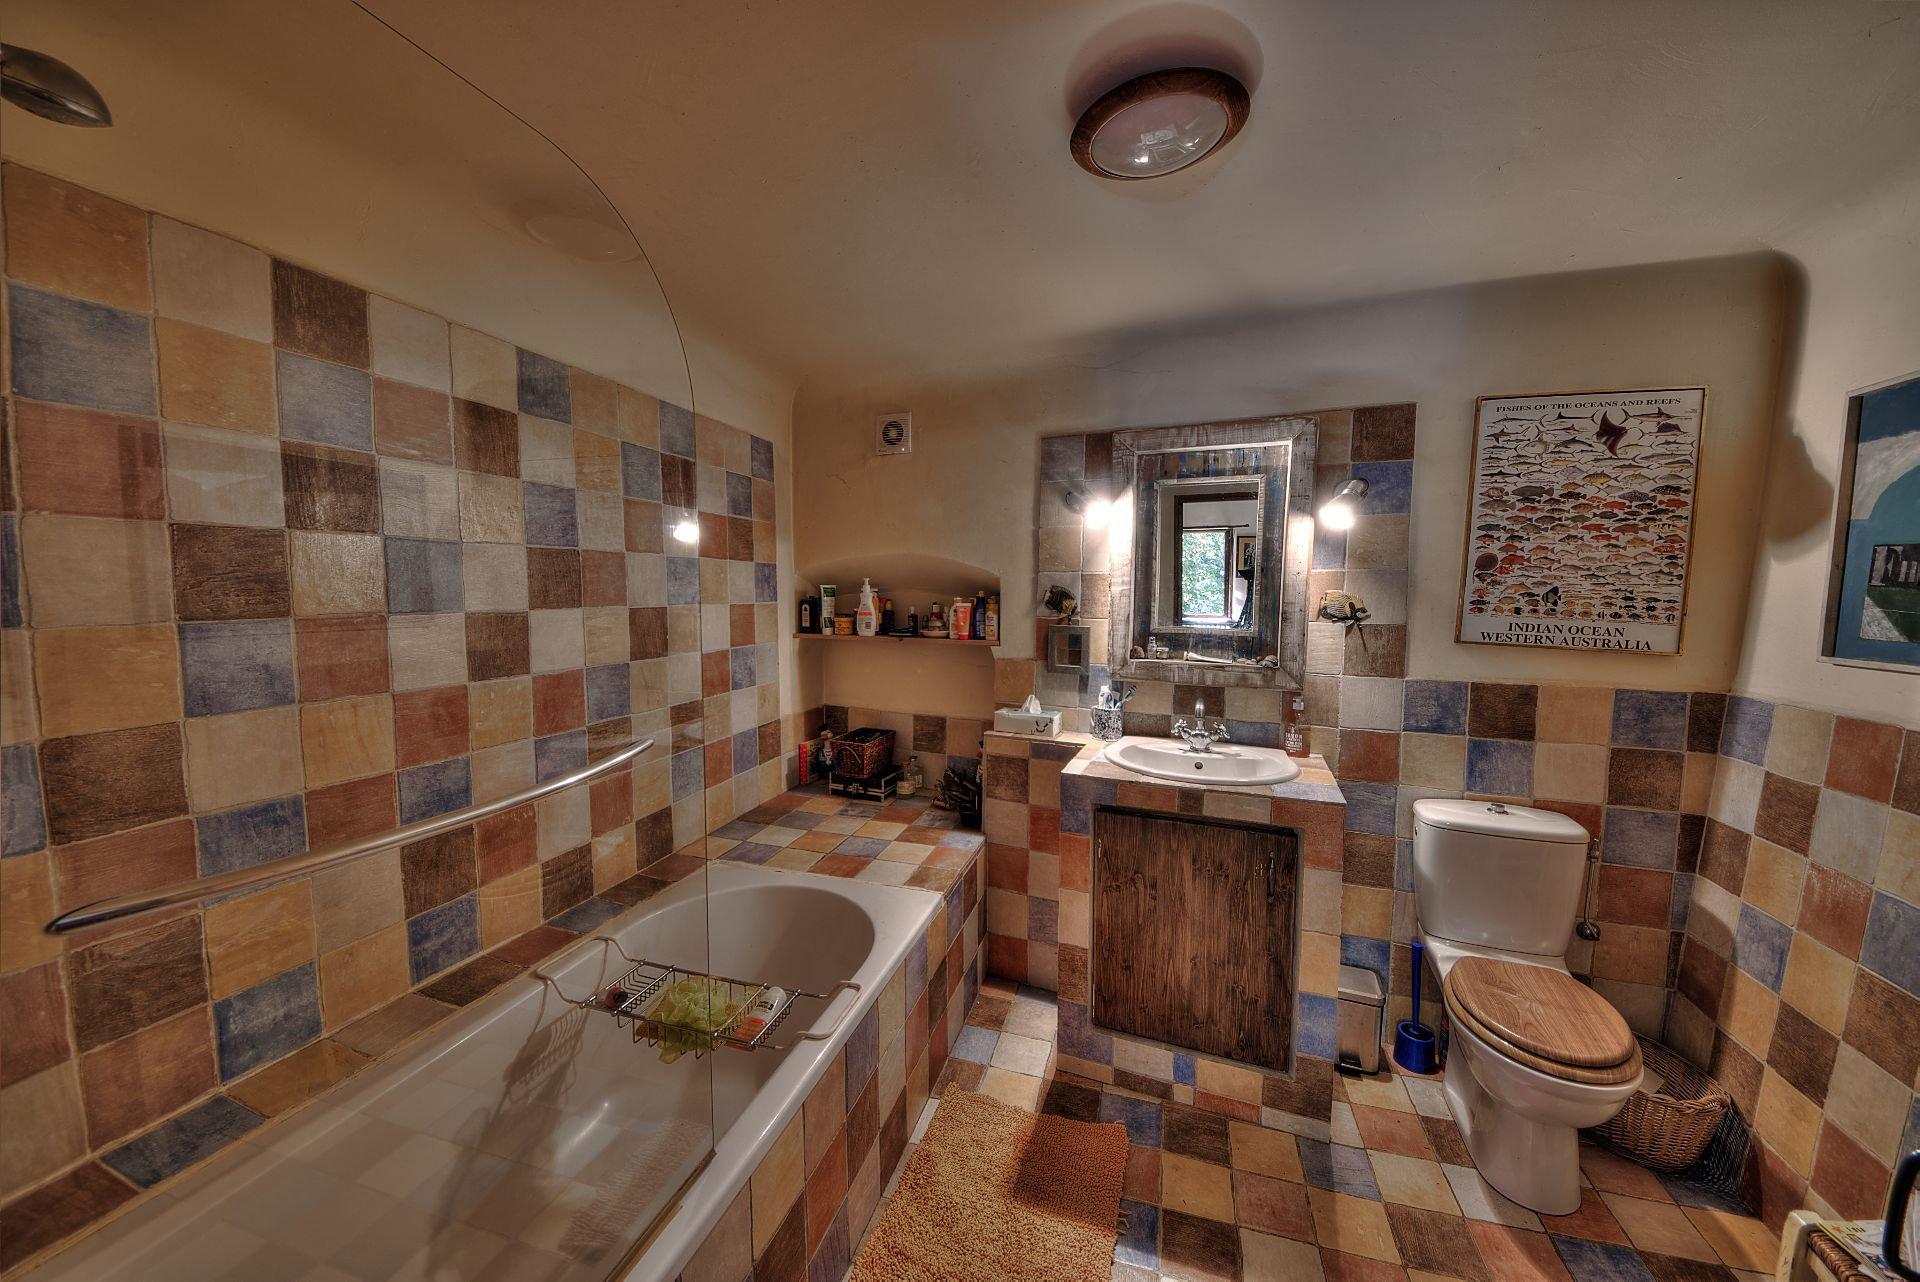 Salle de bains 1 de la propriété en  pierre de 35 ha haut Var Verdon